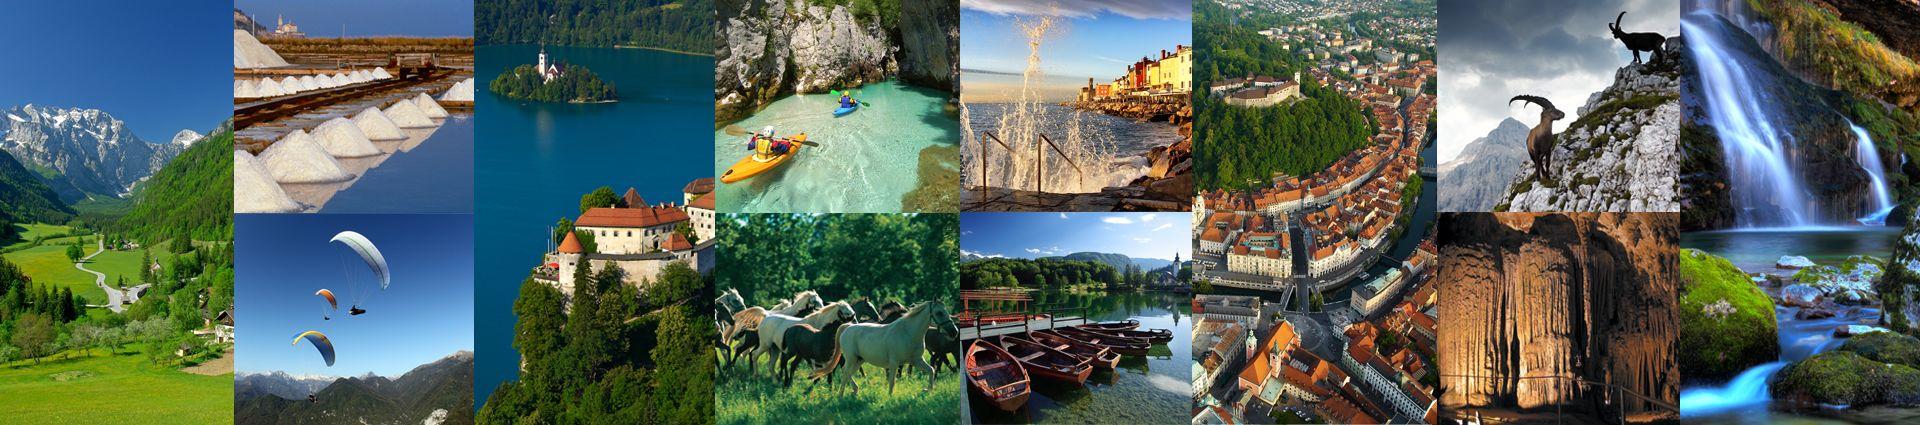 slovenia-diversity-collage_www-slovenia-info_